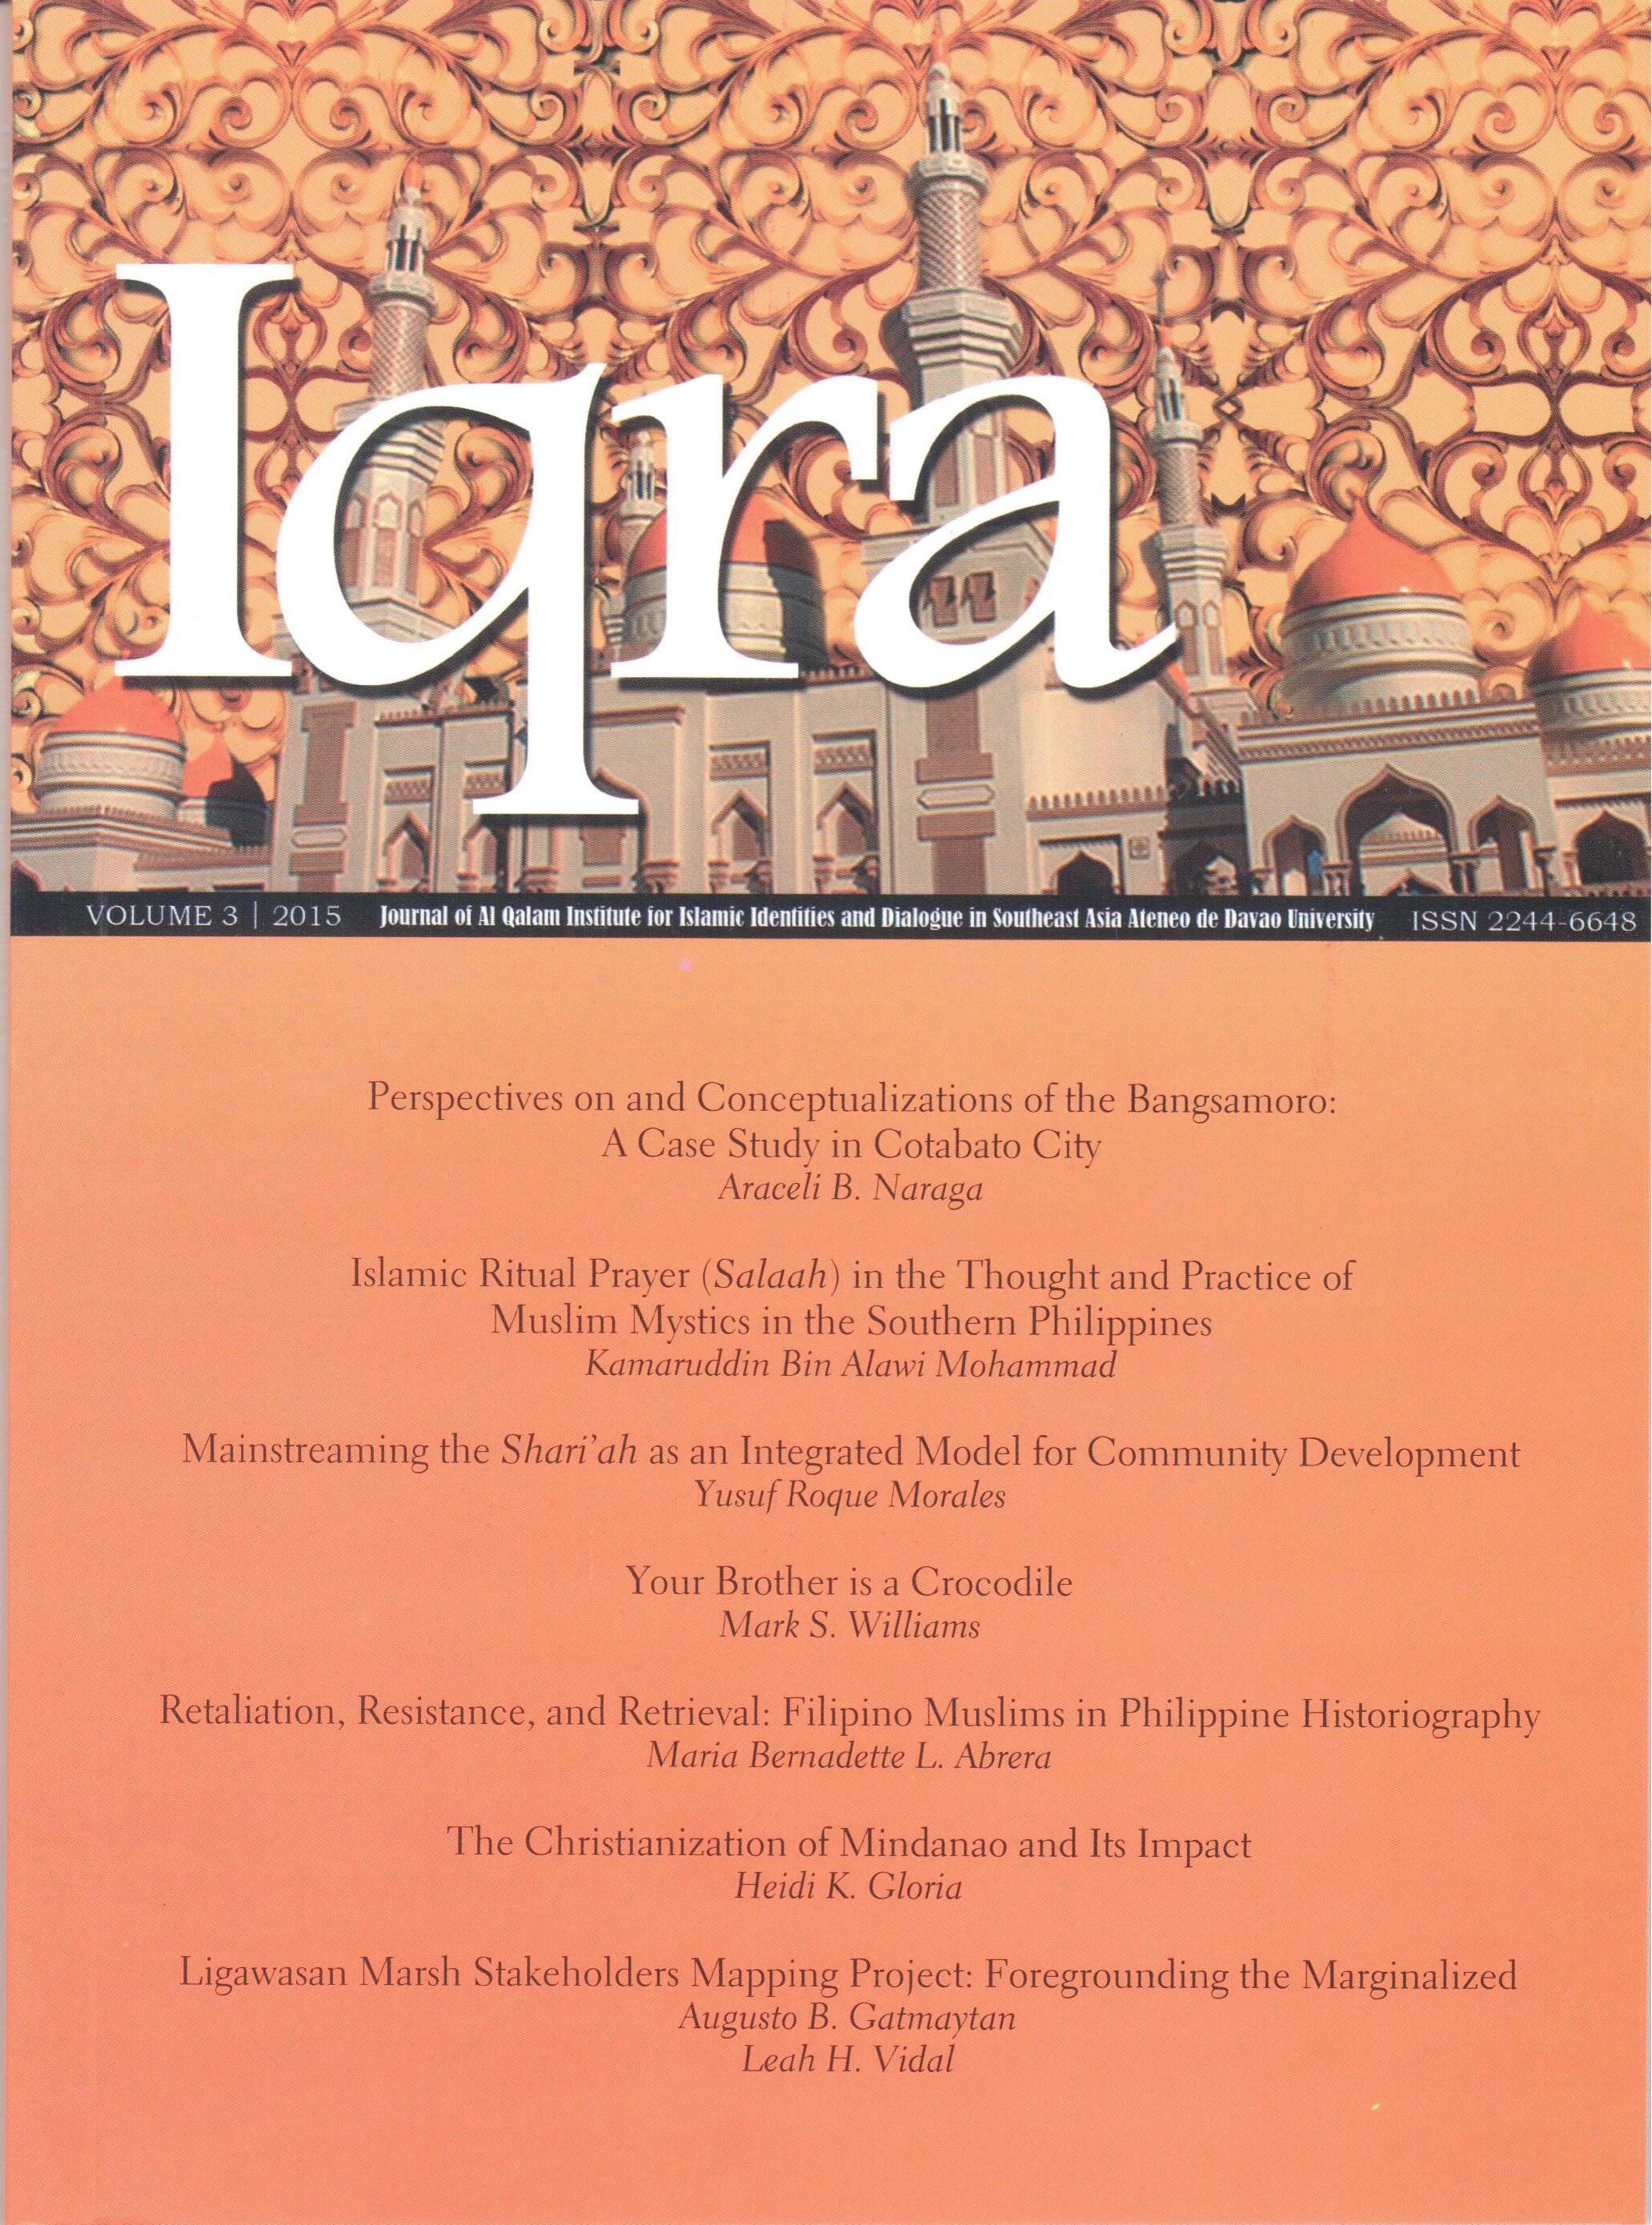 Iqra.cover.vol3